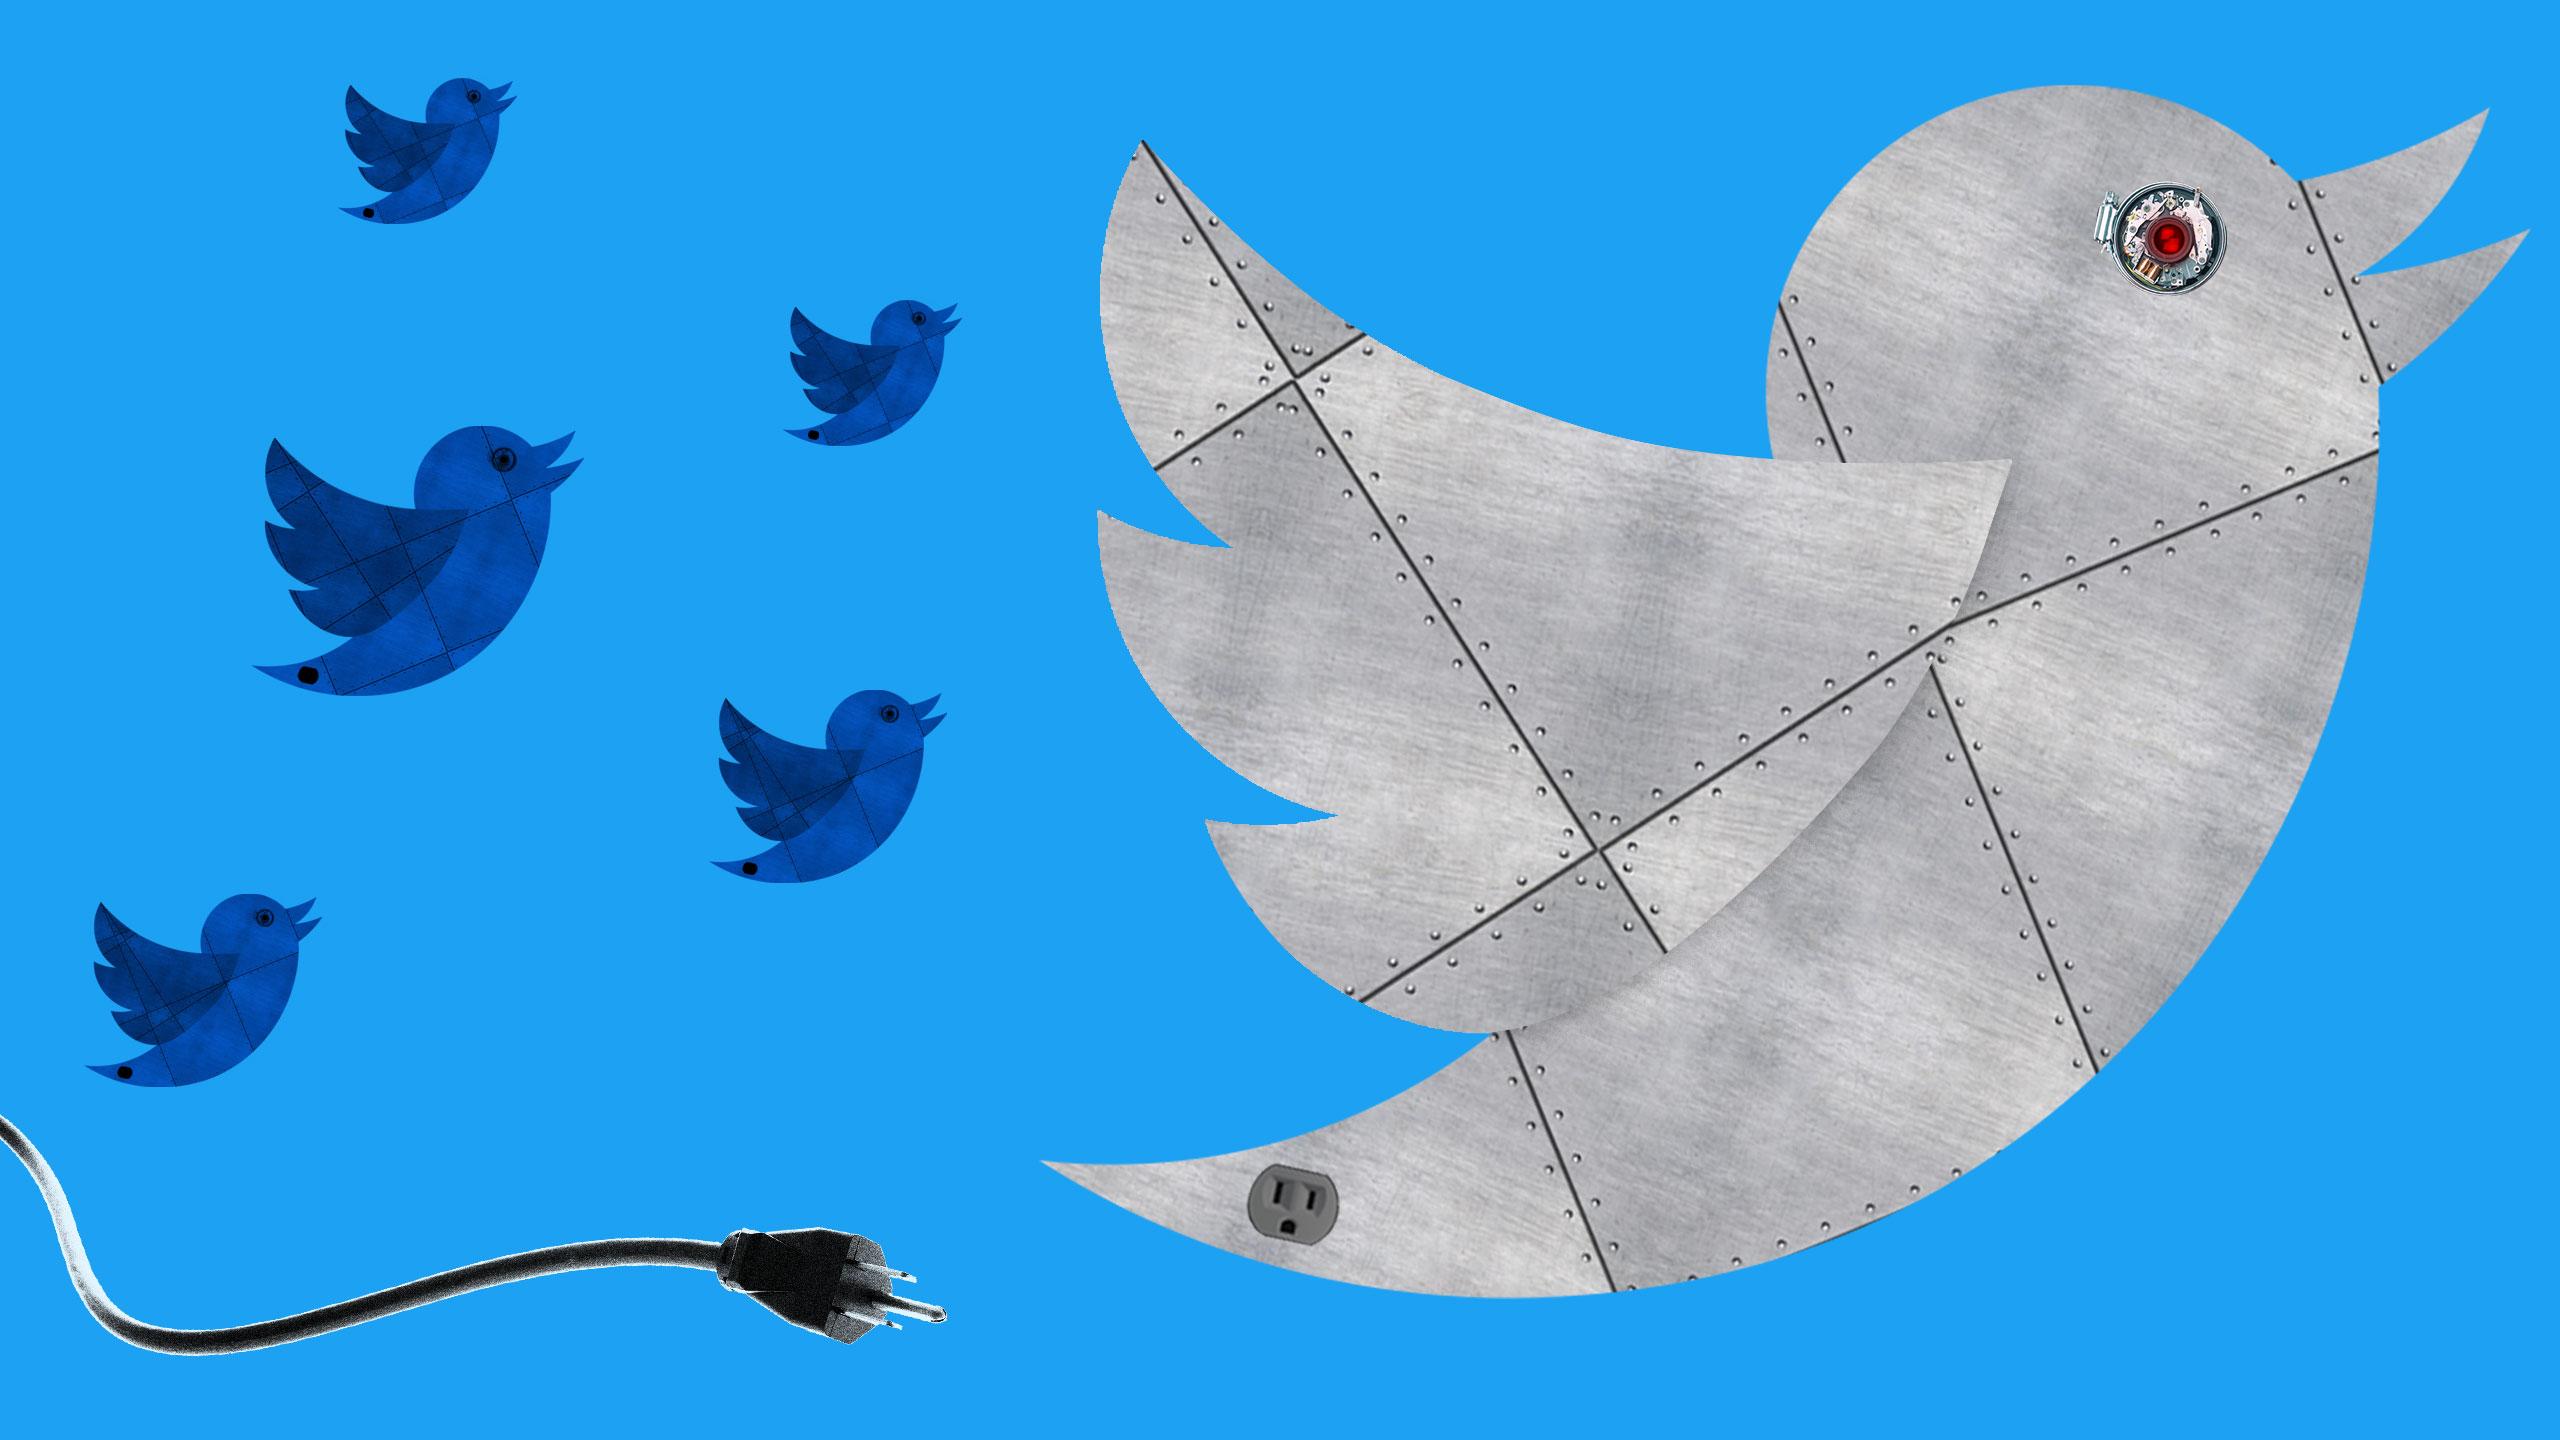 ساخت یک بات توییتری با پایتون